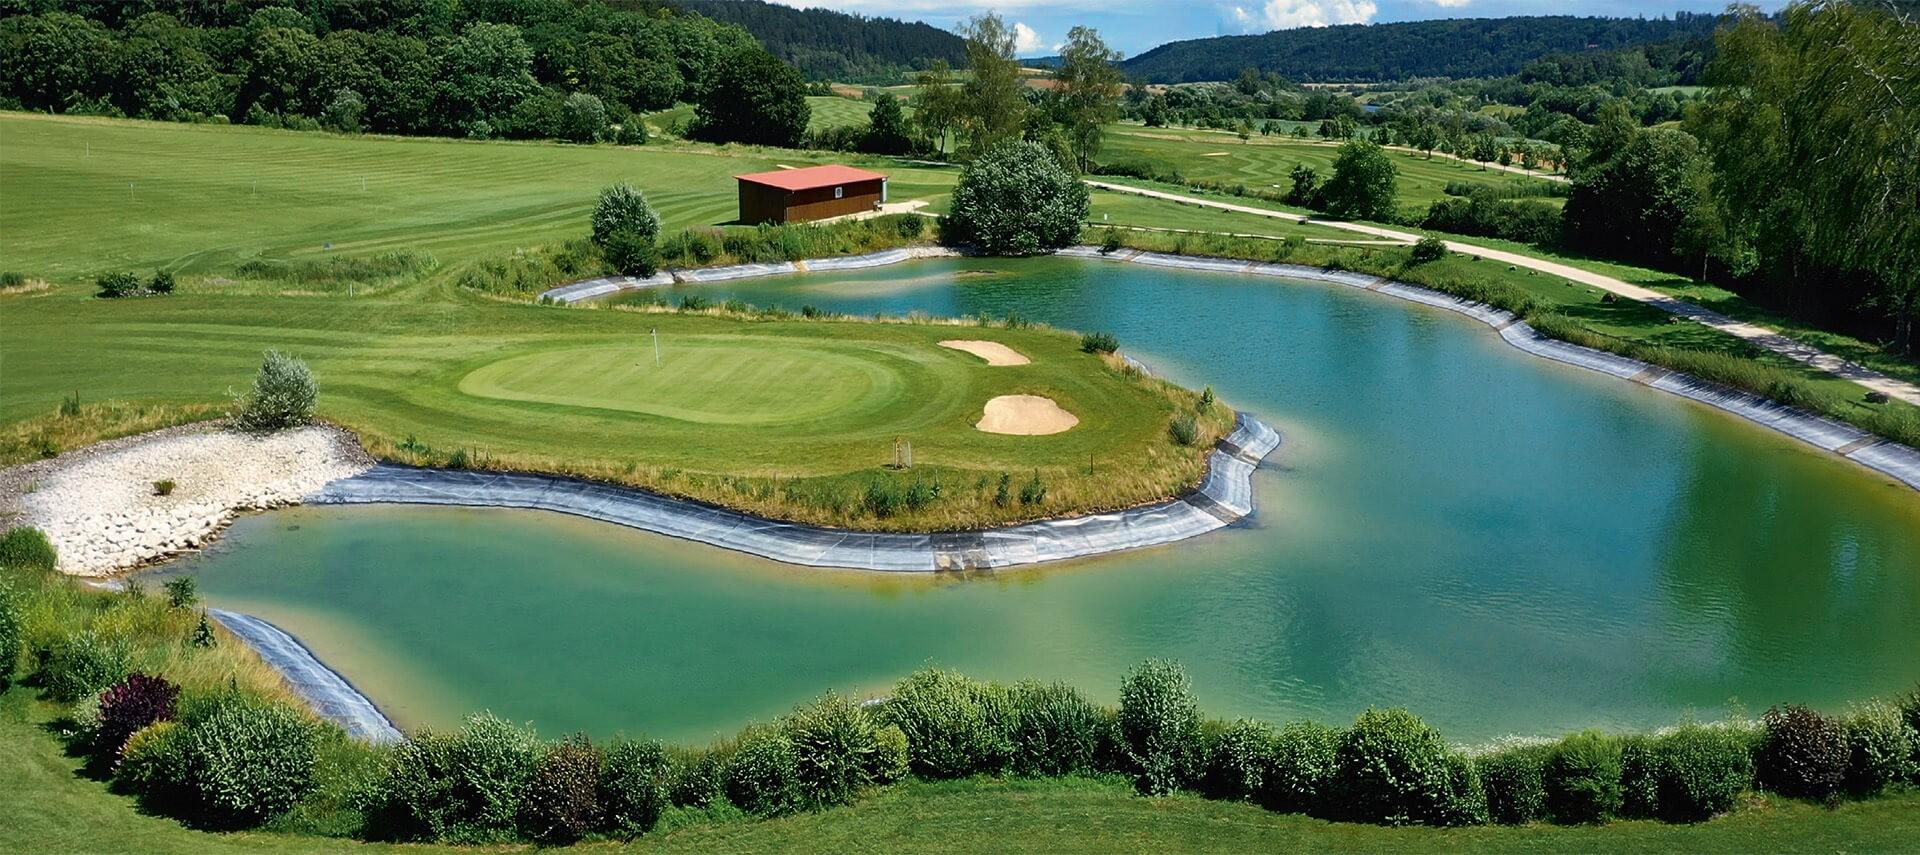 1 - GolfClub Beilgries - 2021-04